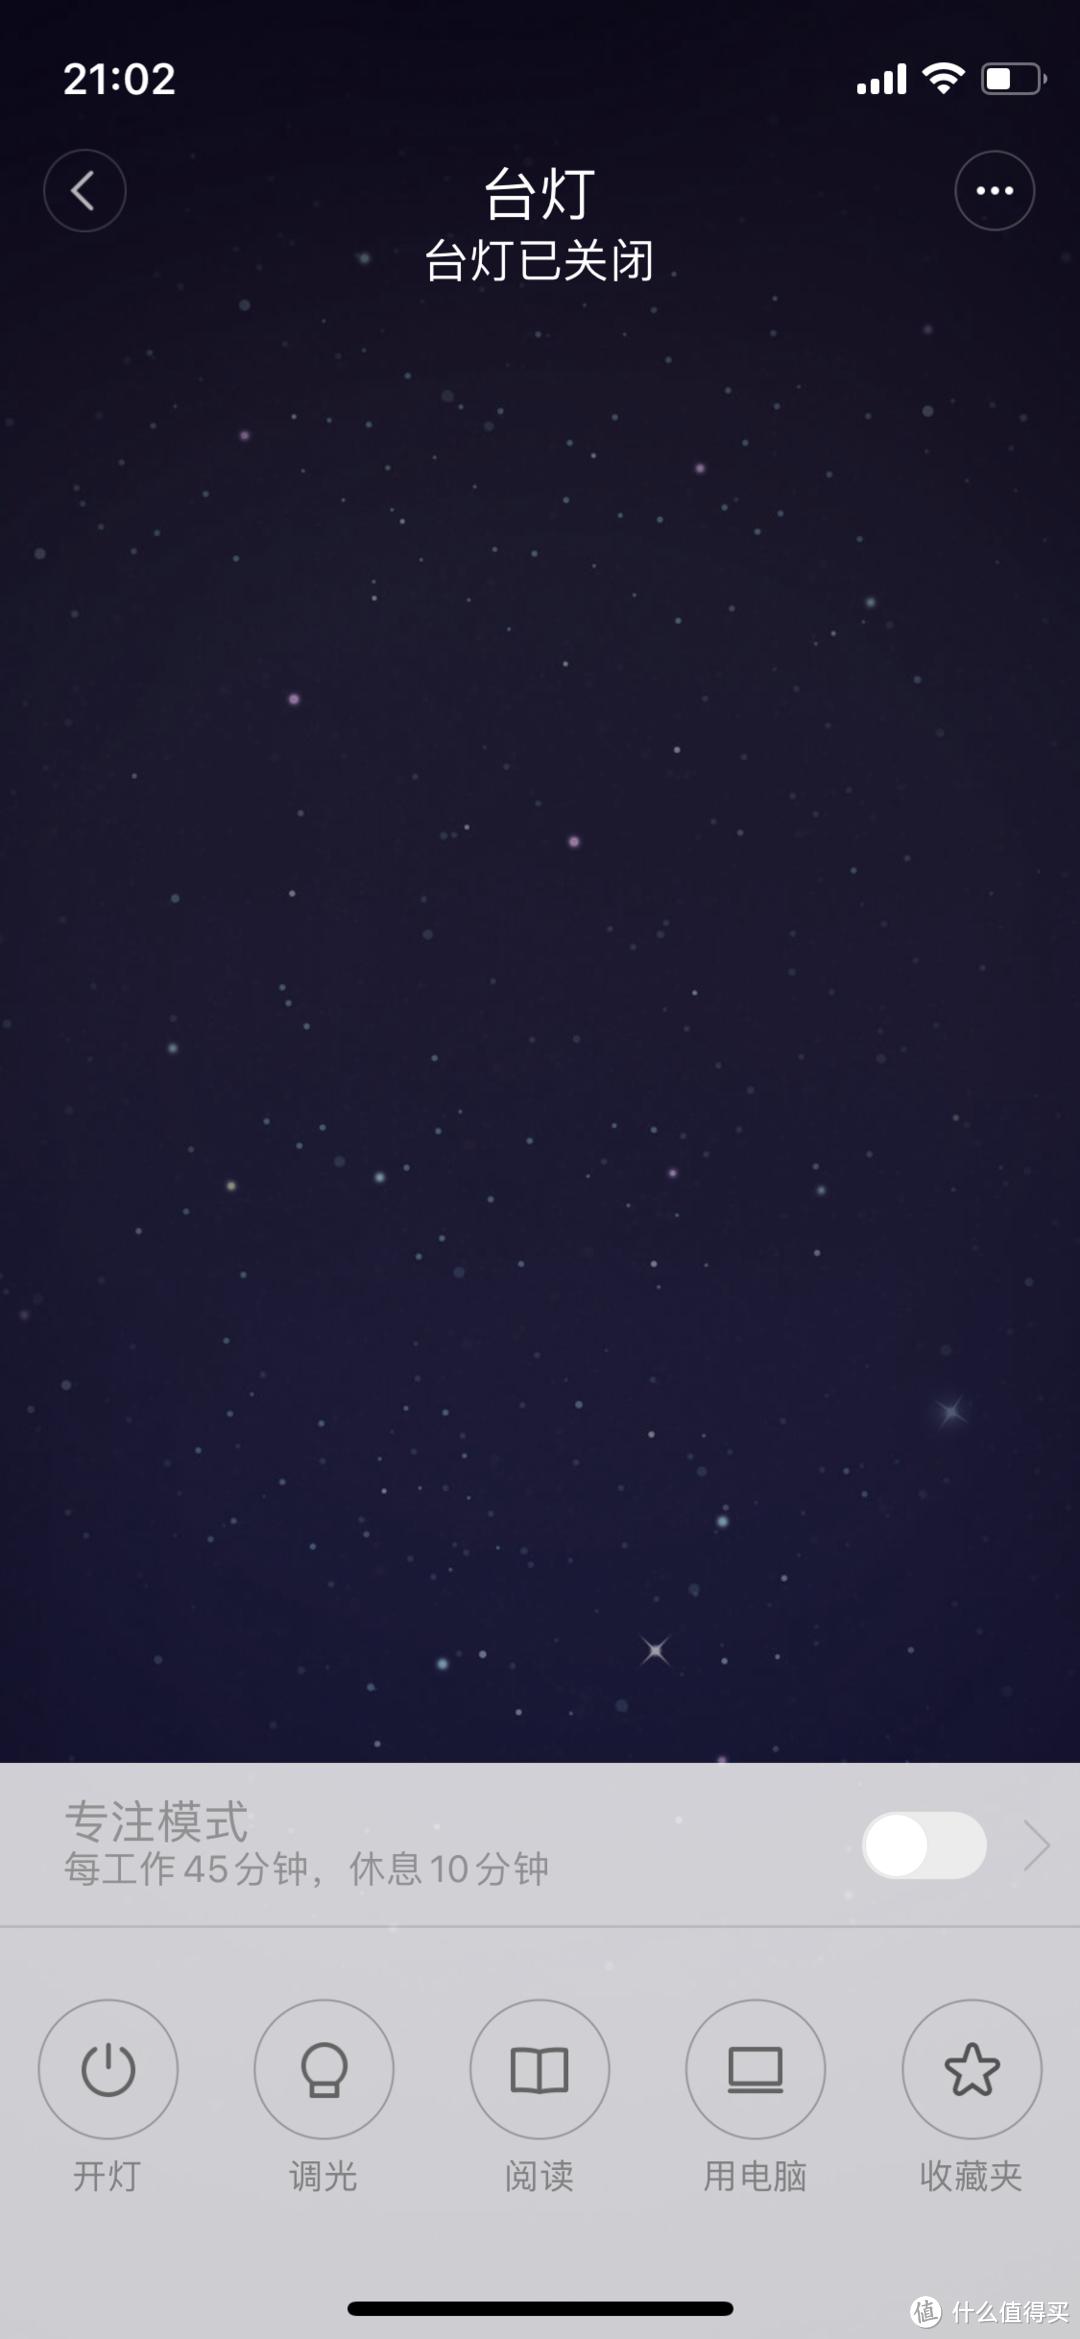 618剁手之 小米台灯1S